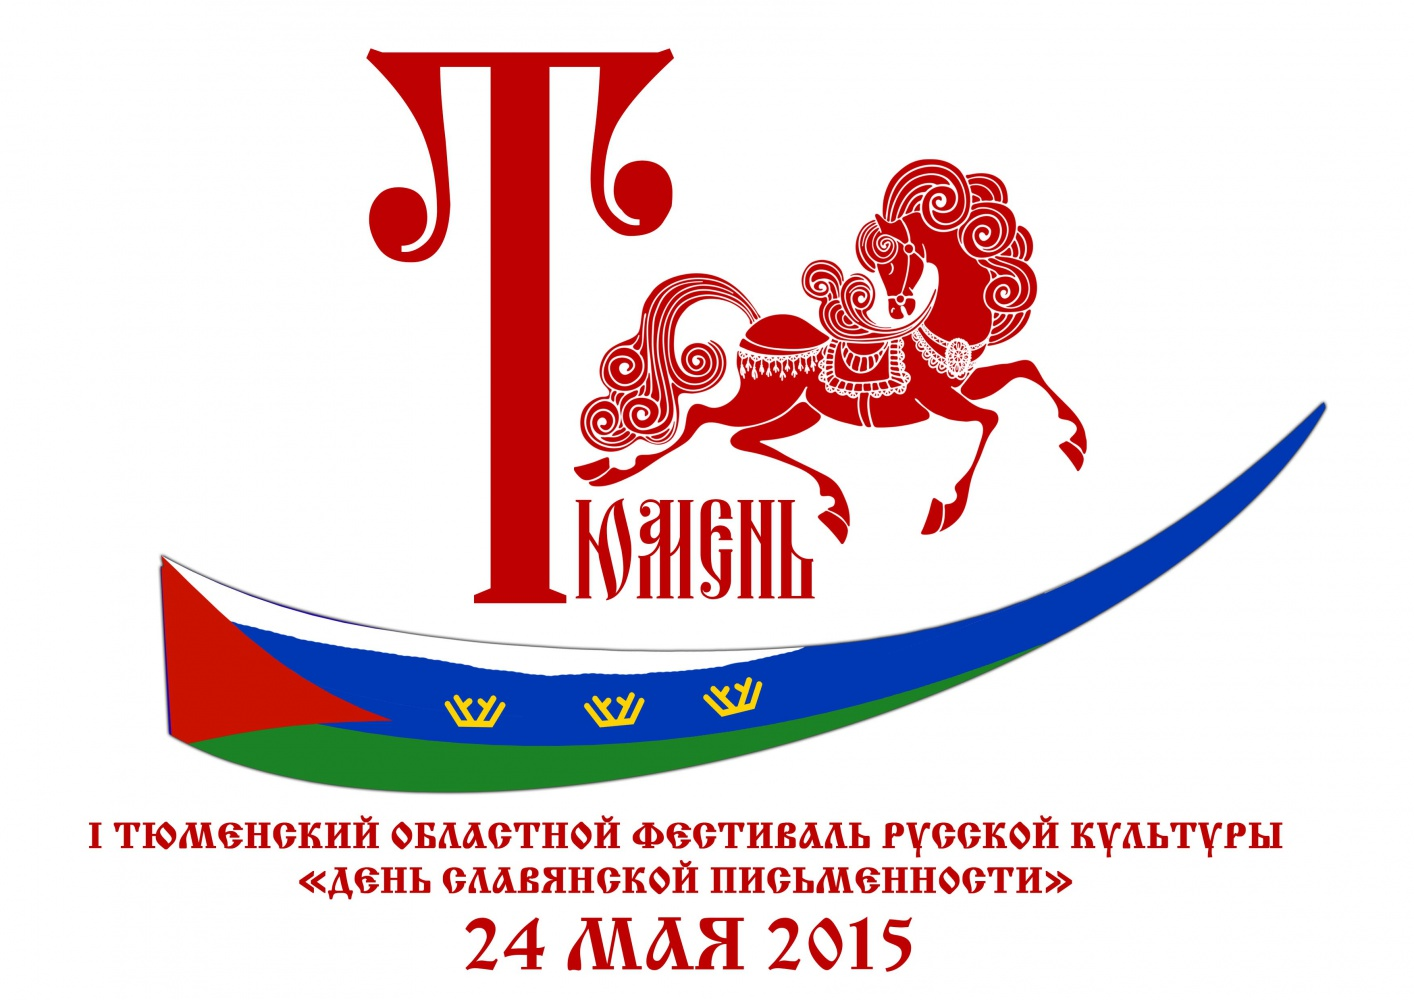 4 Своеобразный логотип Тюменского областного фестиваля русской культуры